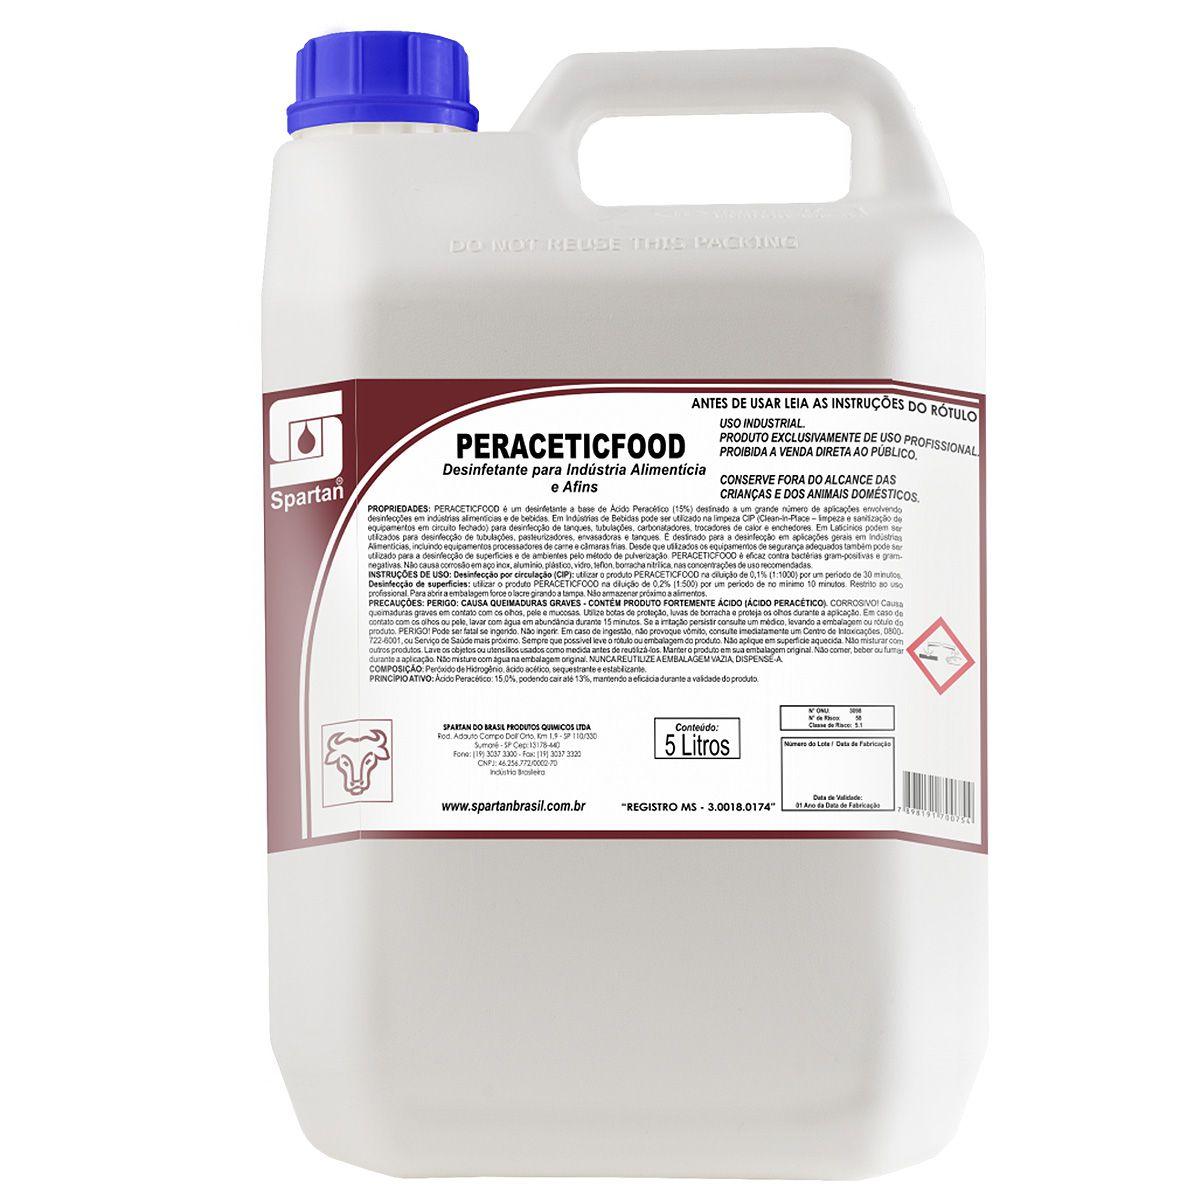 Desinfetante para Indústria Alimentícia Peraceticfood 5 Litros Spartan